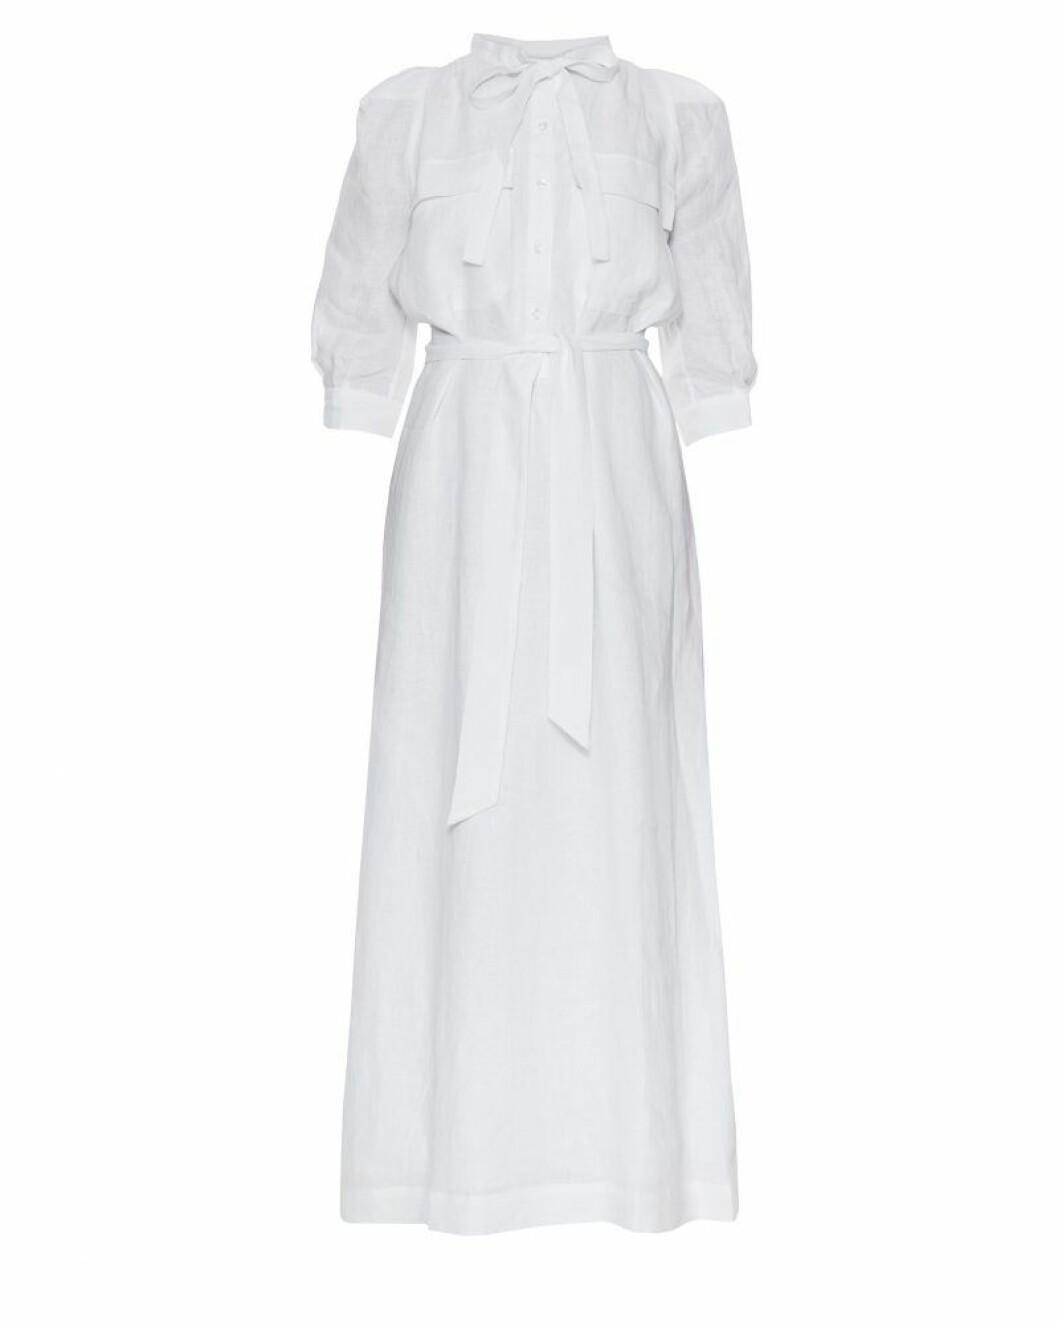 Wakakuu Icons vårkollektion: Vit skjortklänning